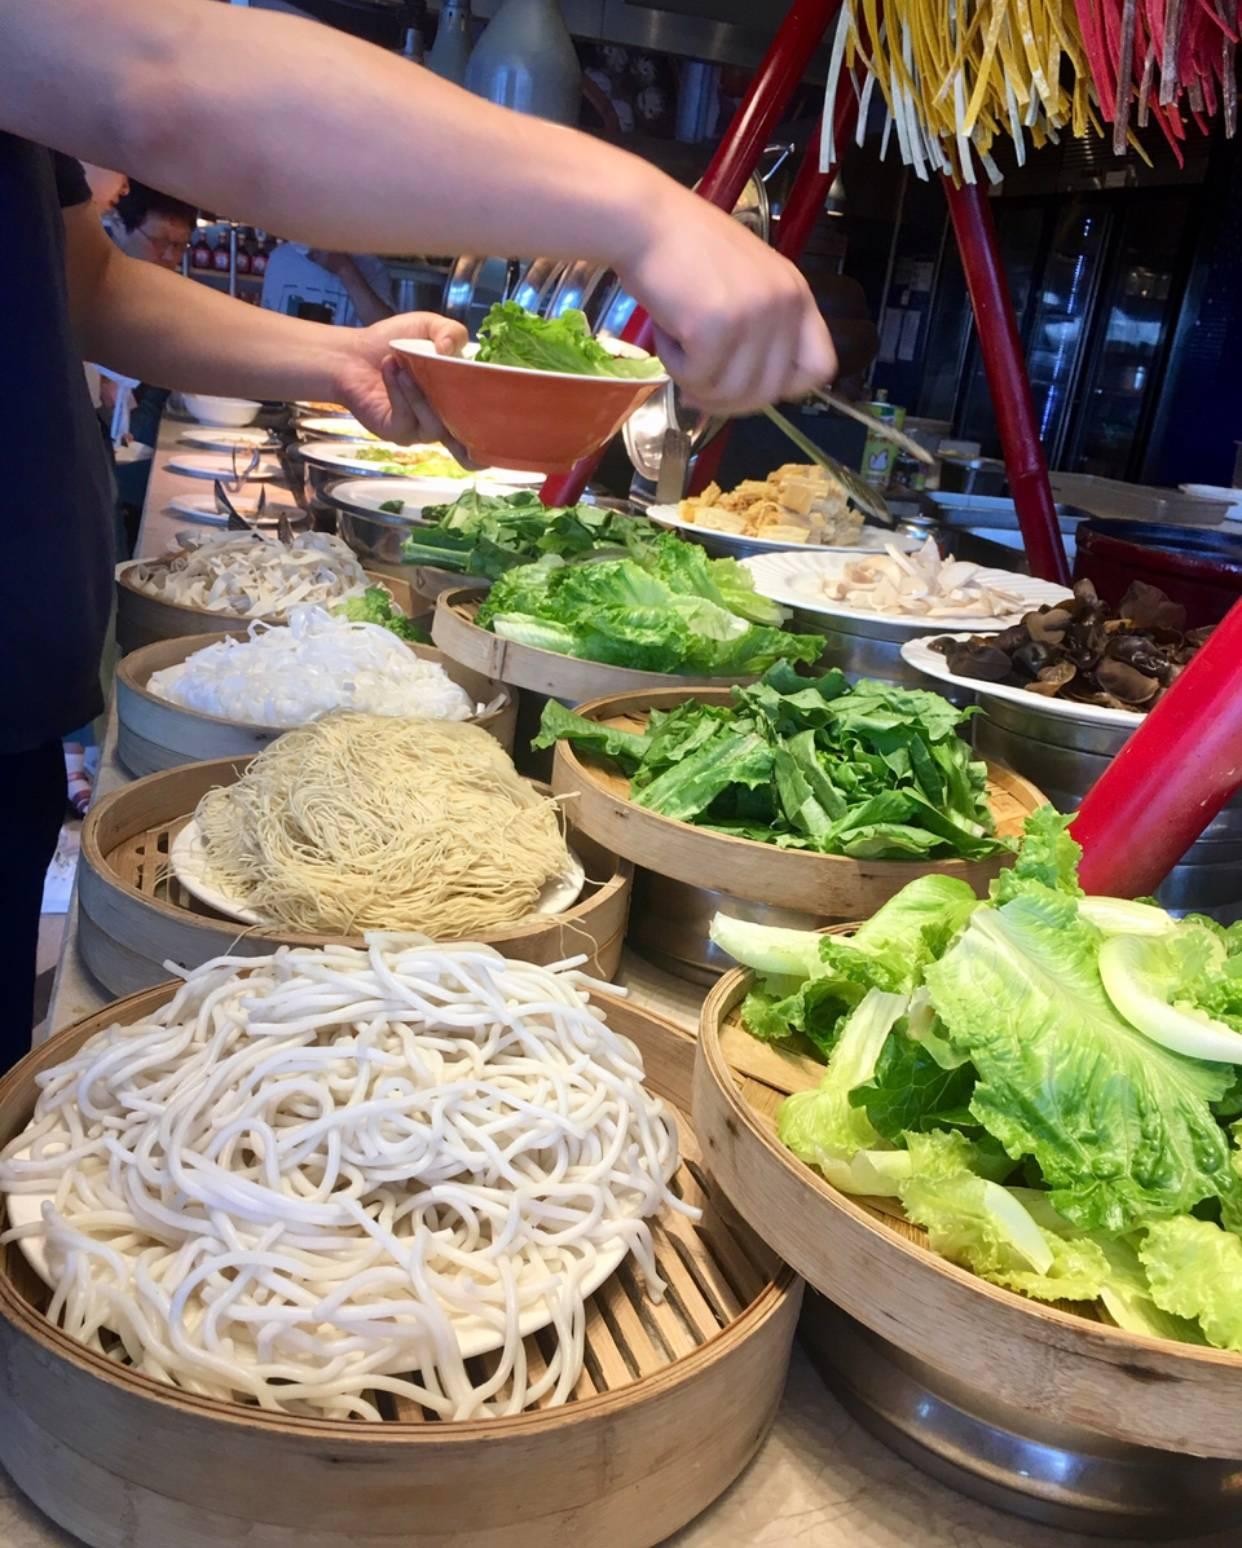 Verde que ti quero verde, com a massa escolhida garante o belo colorido do prato.